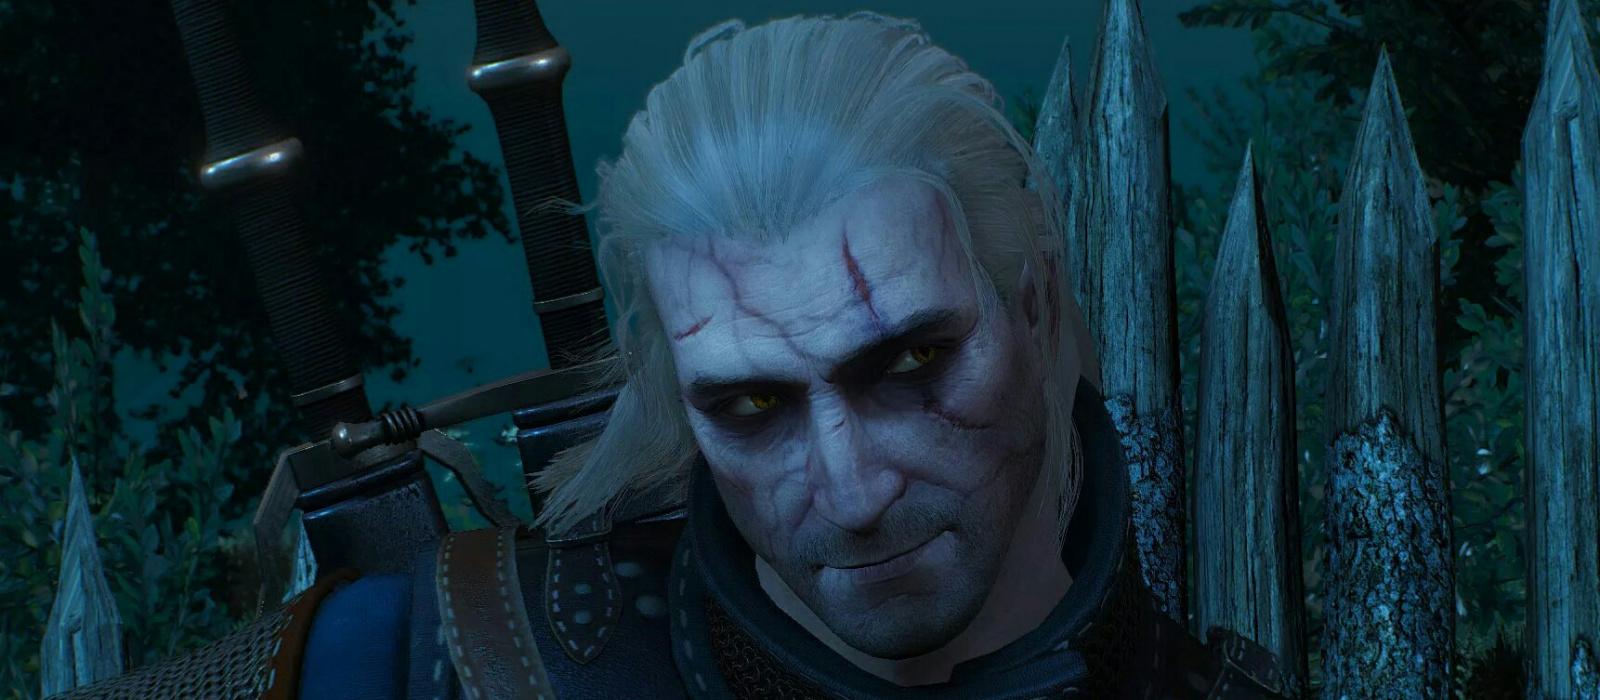 Das neuronale Netzwerk hat STALKER 2, Mass Effect, The Witcher 3, Cyberpunk 2077 und Resident Evil Village geschätzt – kann KI die SpielGesetz-Rezensionen schlagen?